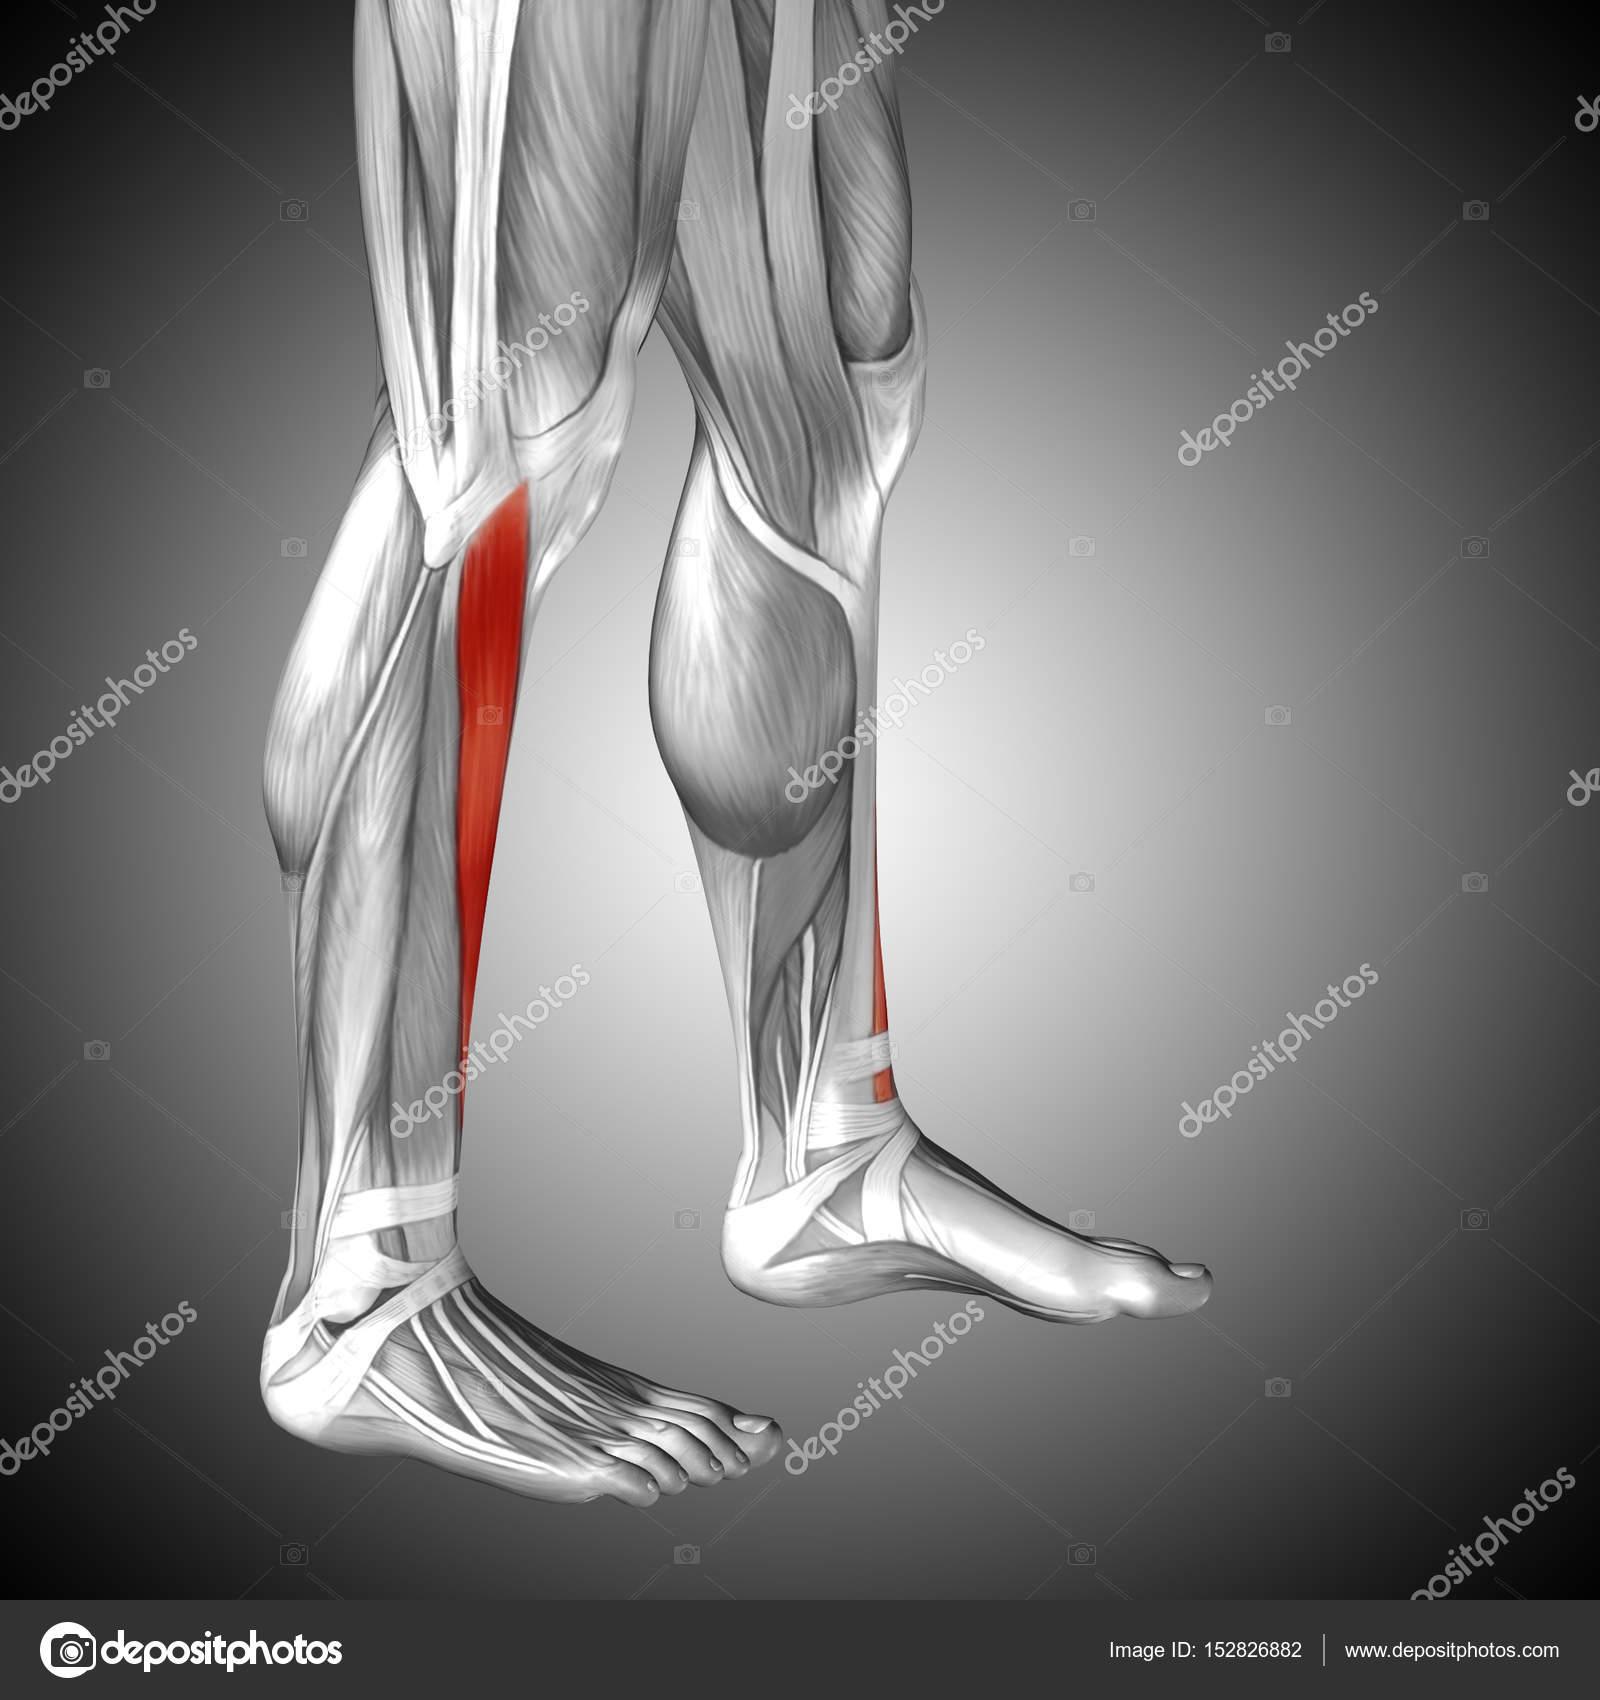 Ziemlich Anatomie Der Unteren Extremität Muskeln Bilder - Anatomie ...